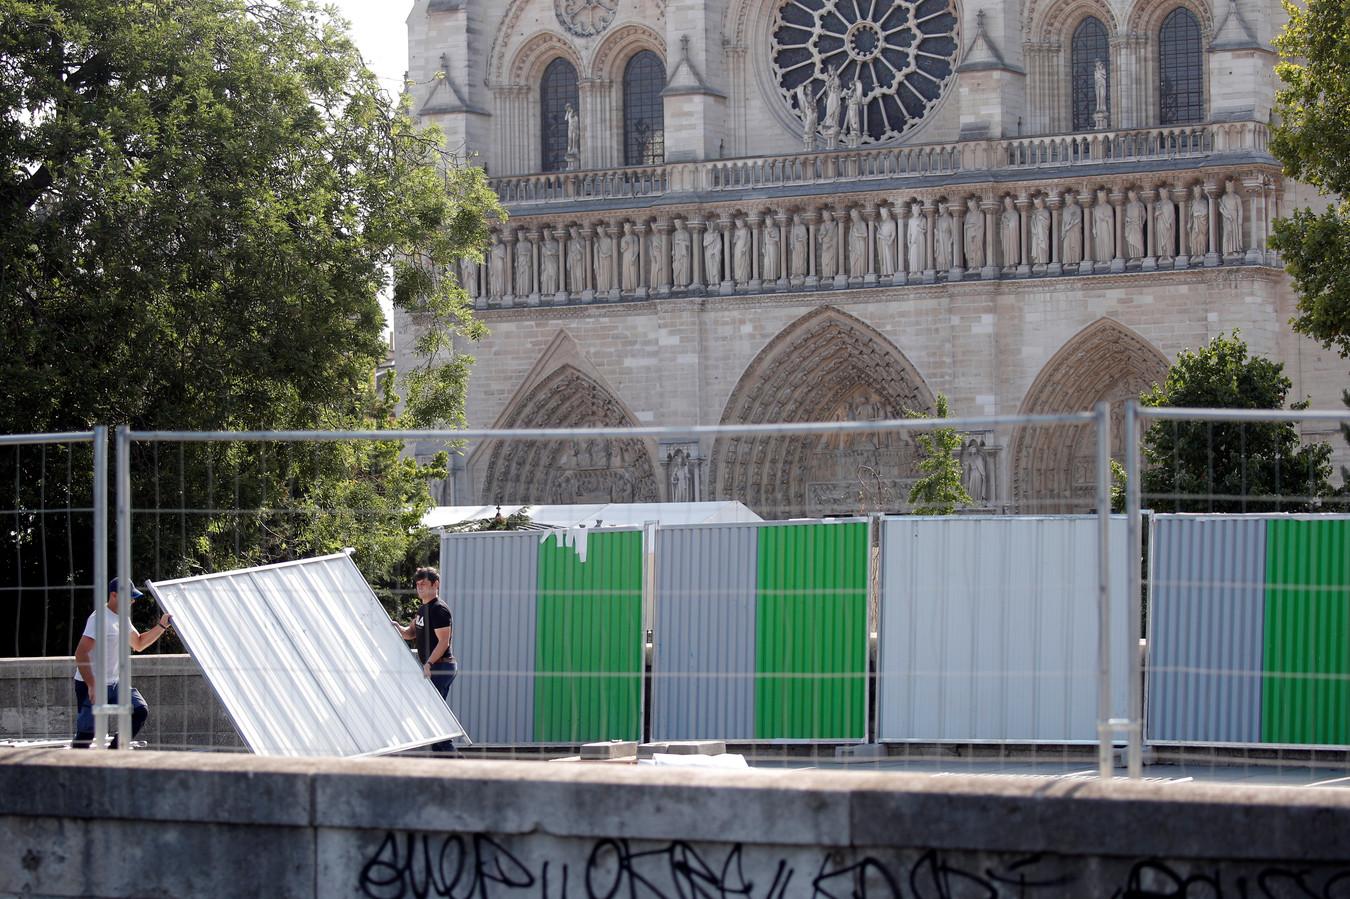 Constructiewerkers zetten het gebied rond de Notre-Dame af voor de verwijdering van giftige looddeeltjes.